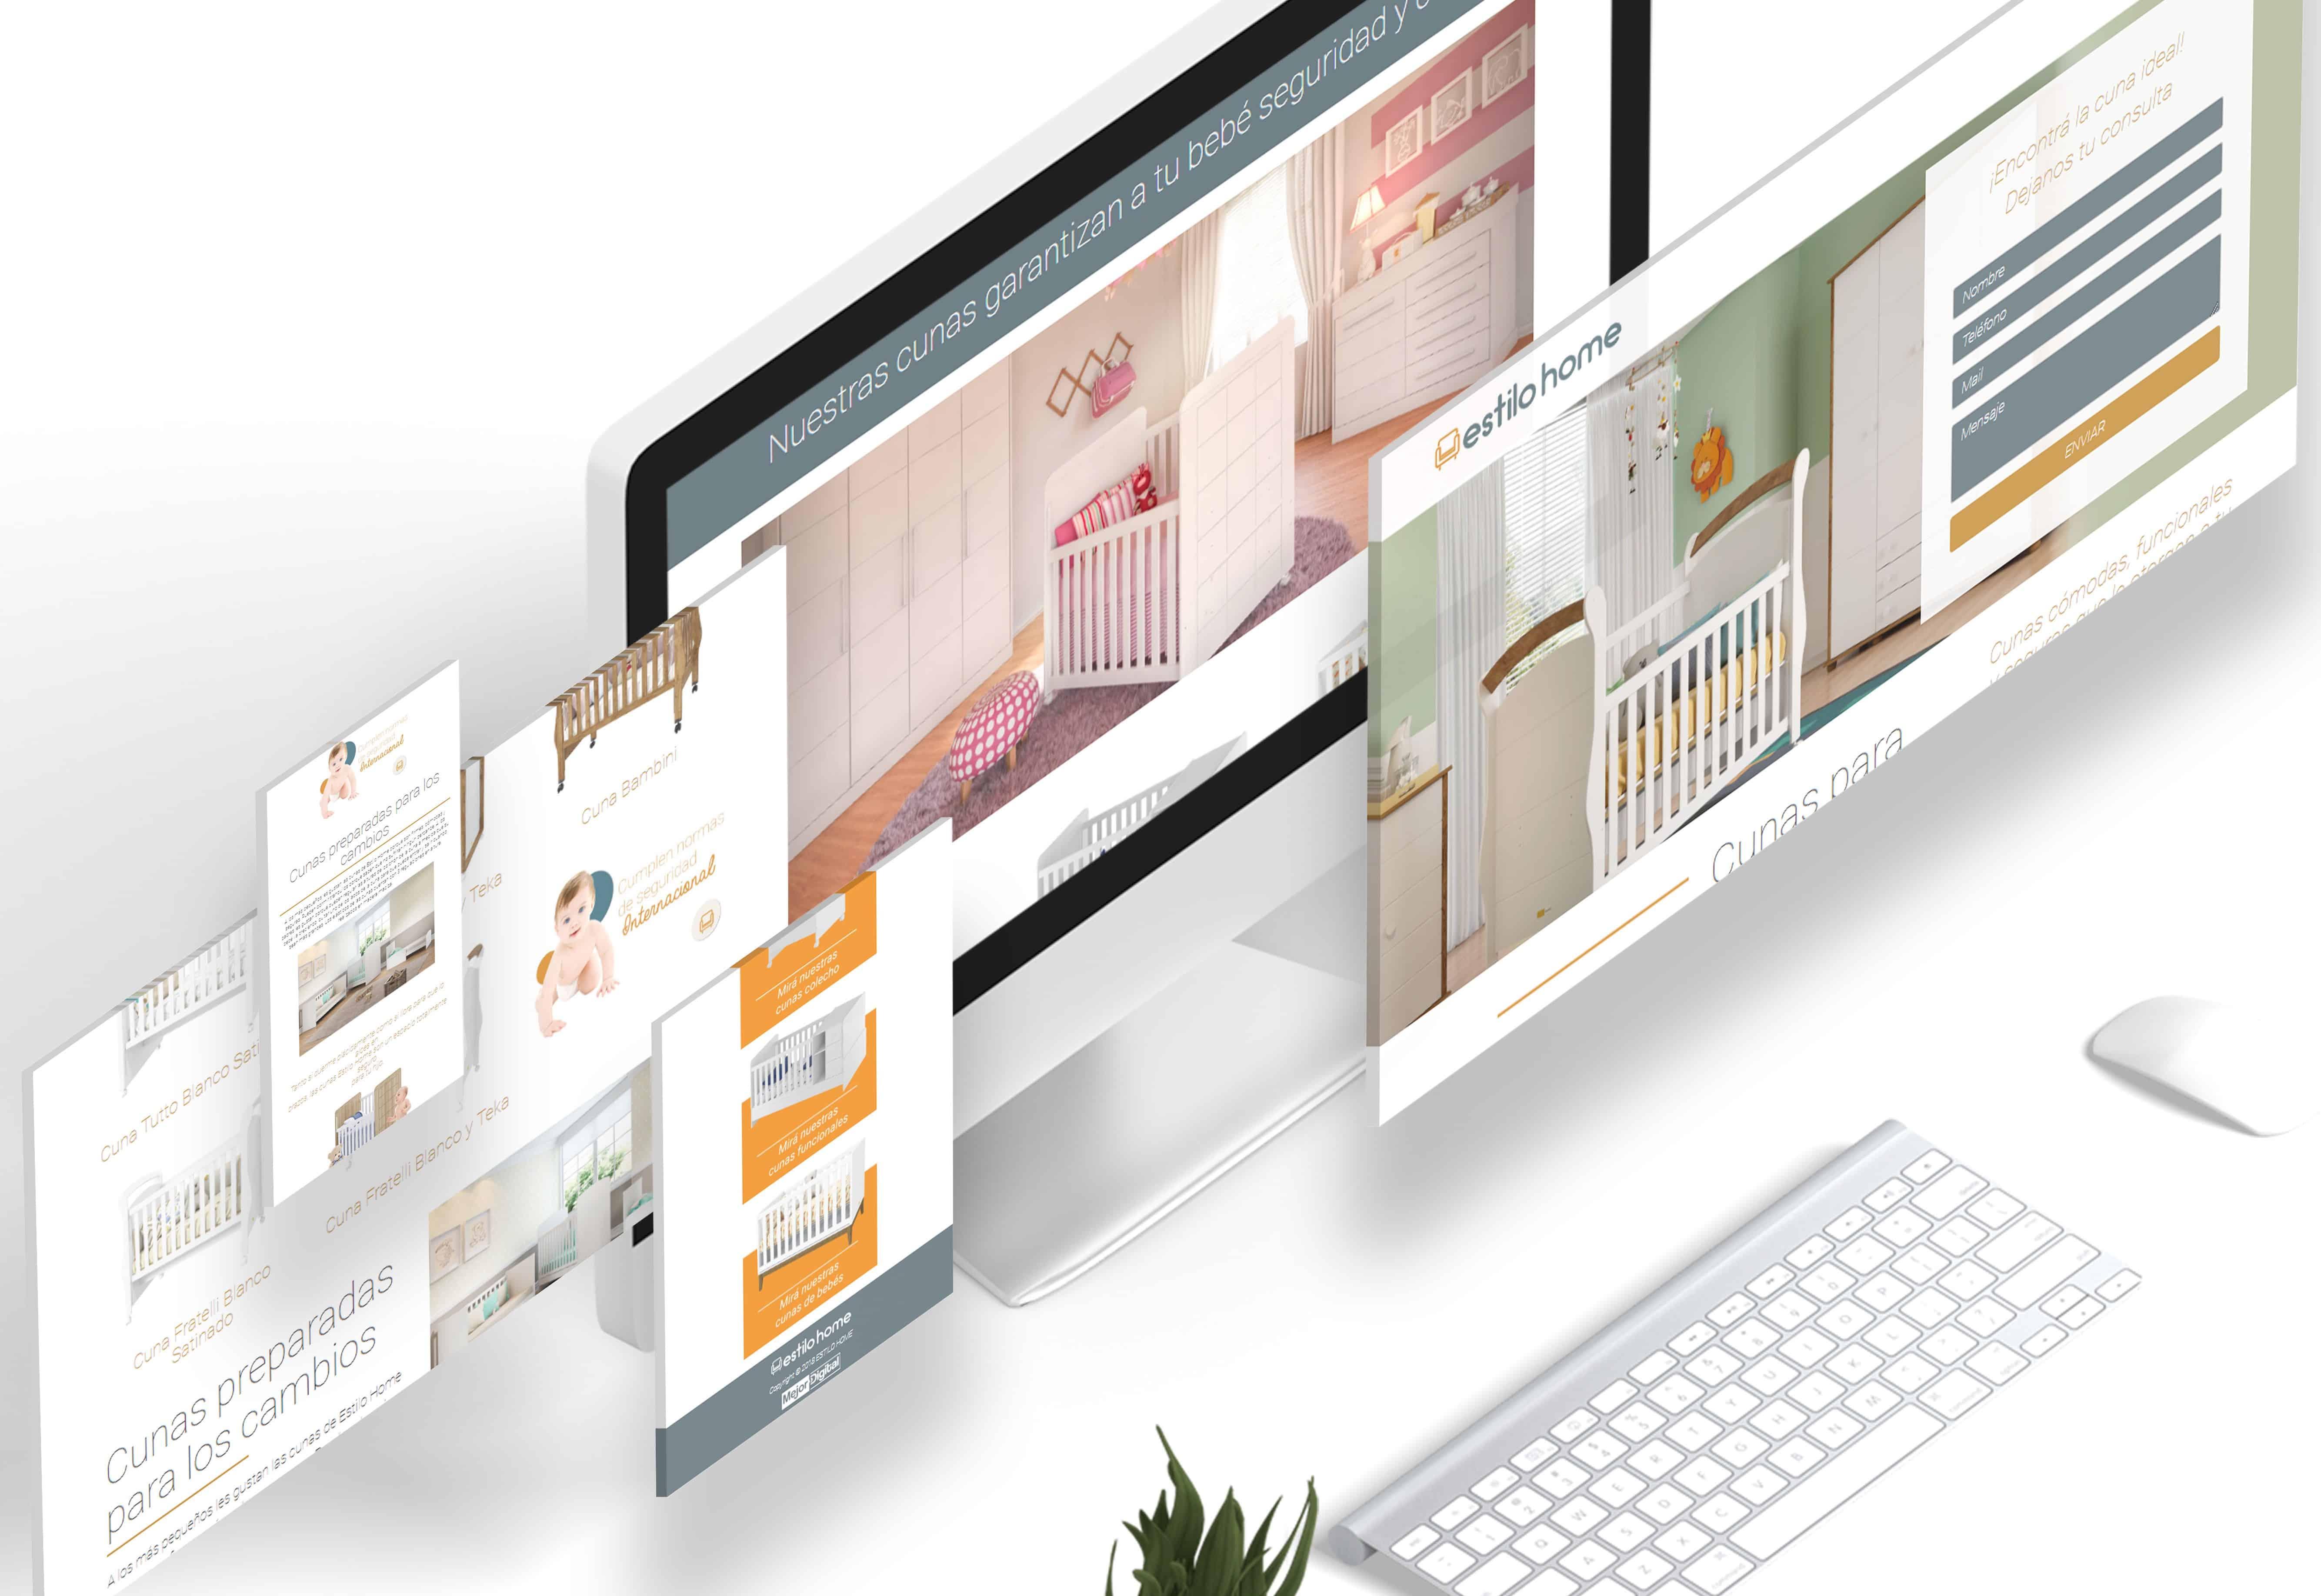 Marketing Digital Agencia Digital, Estilo Home · Desarrollo de Landing Page, slider1-2